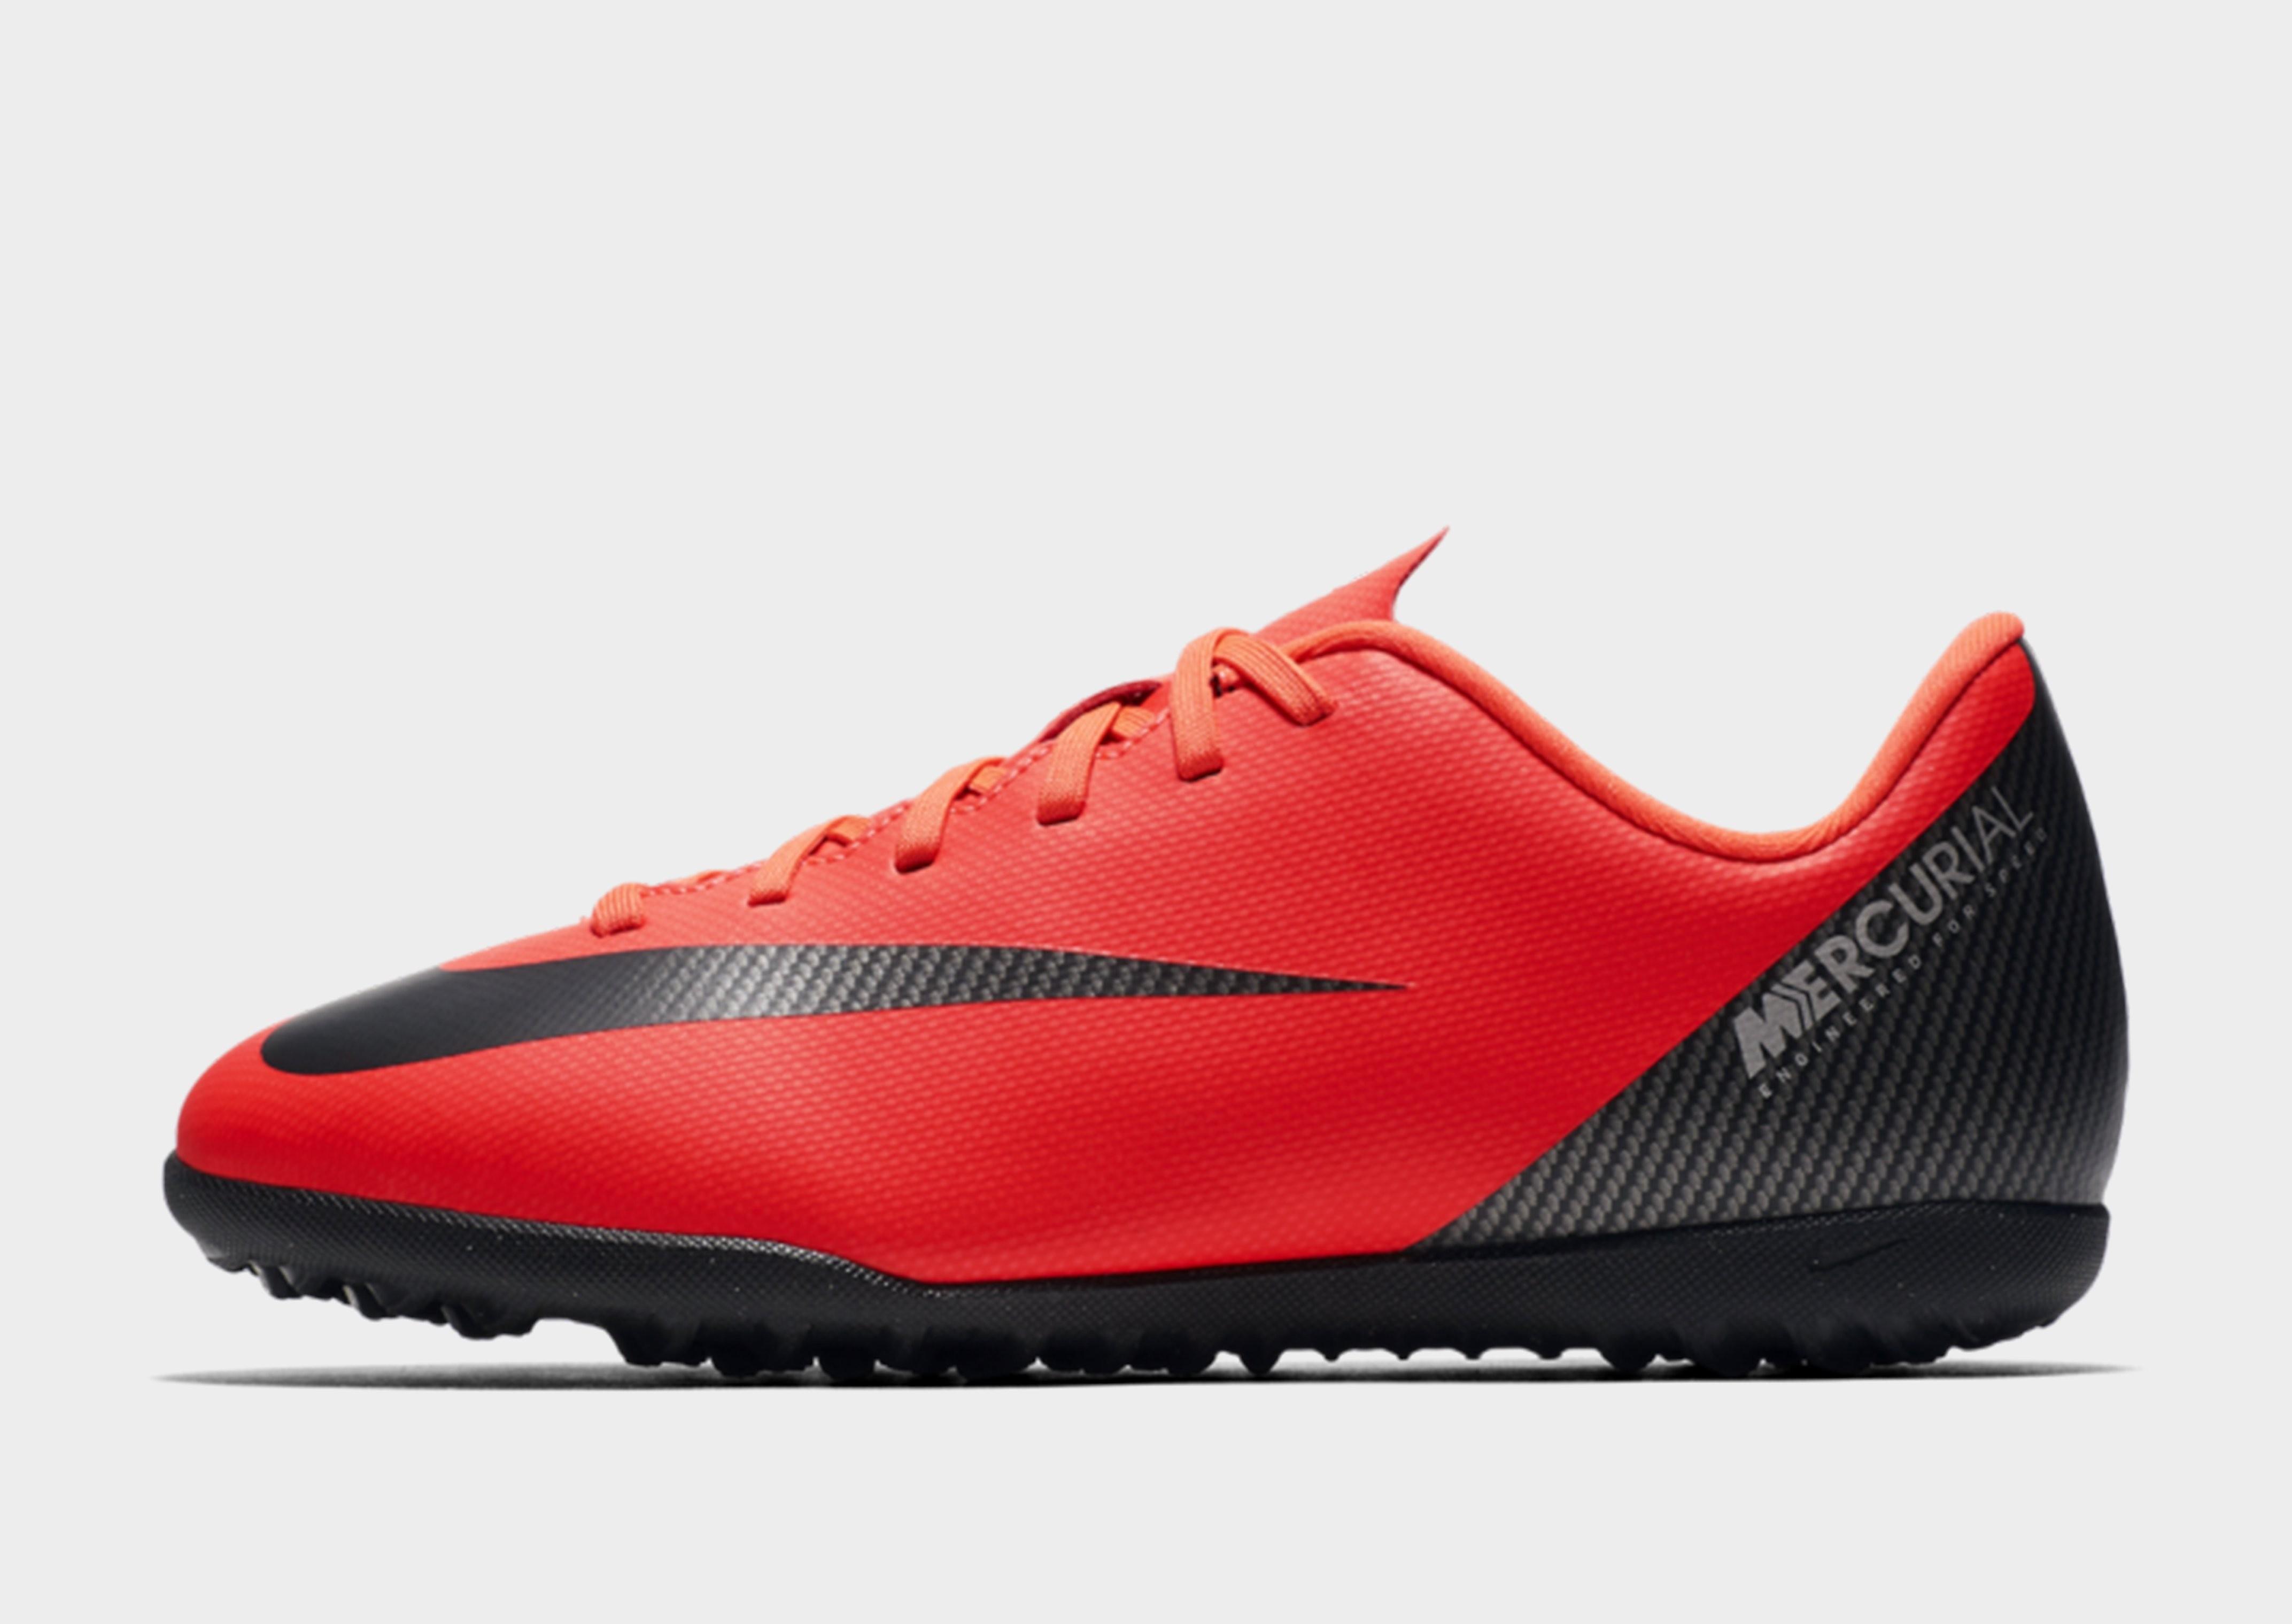 Nike fotbollsskor billigt på nätet och få cashback  8f7bd2051fe30